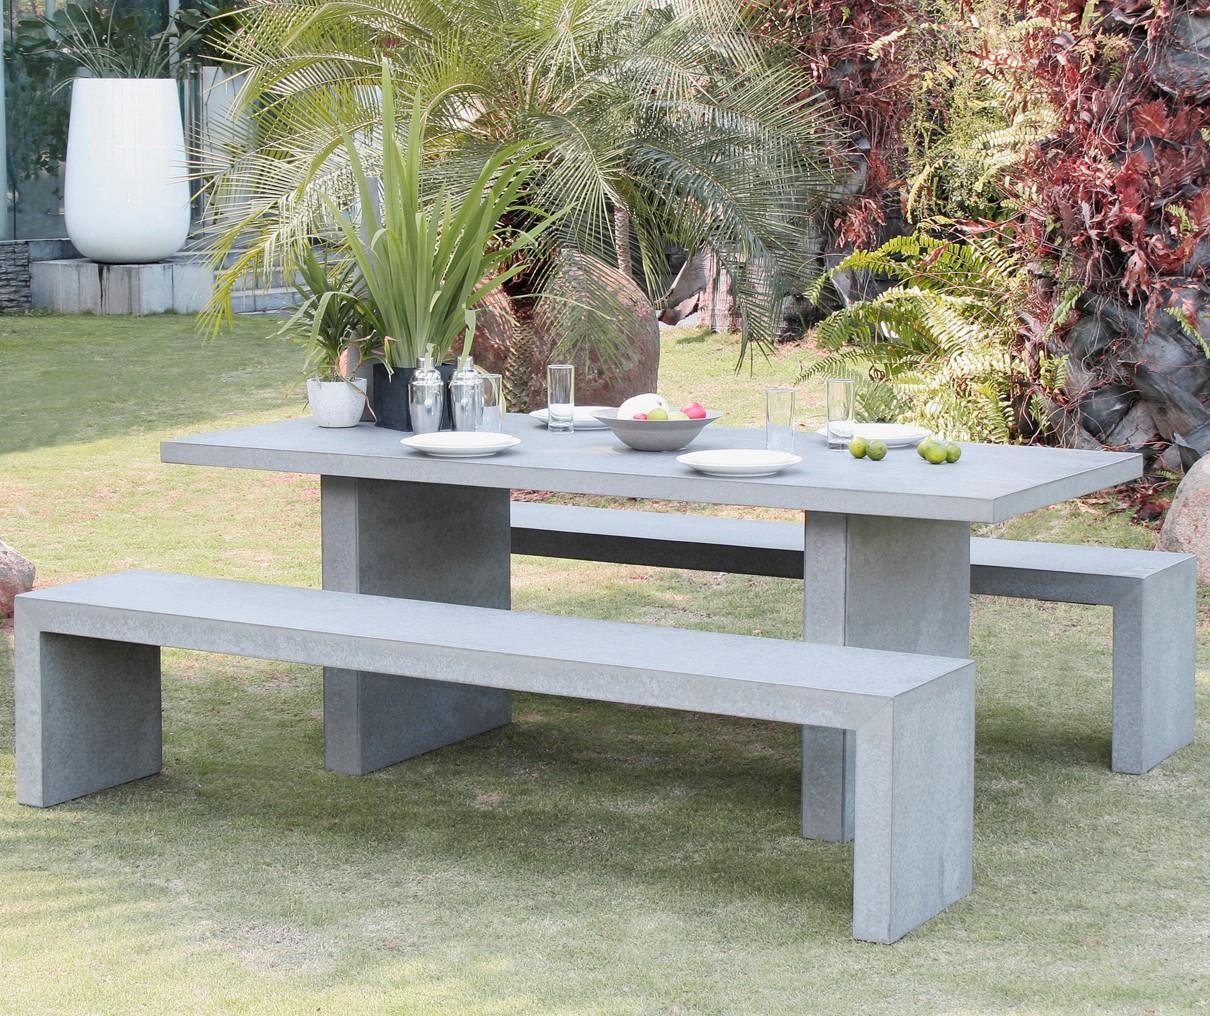 Salon De Jardin Aspect Béton Table 200X90X75Cm + 2 Bancs 200X40X45Cm Hercule destiné Table De Jardin En Ciment